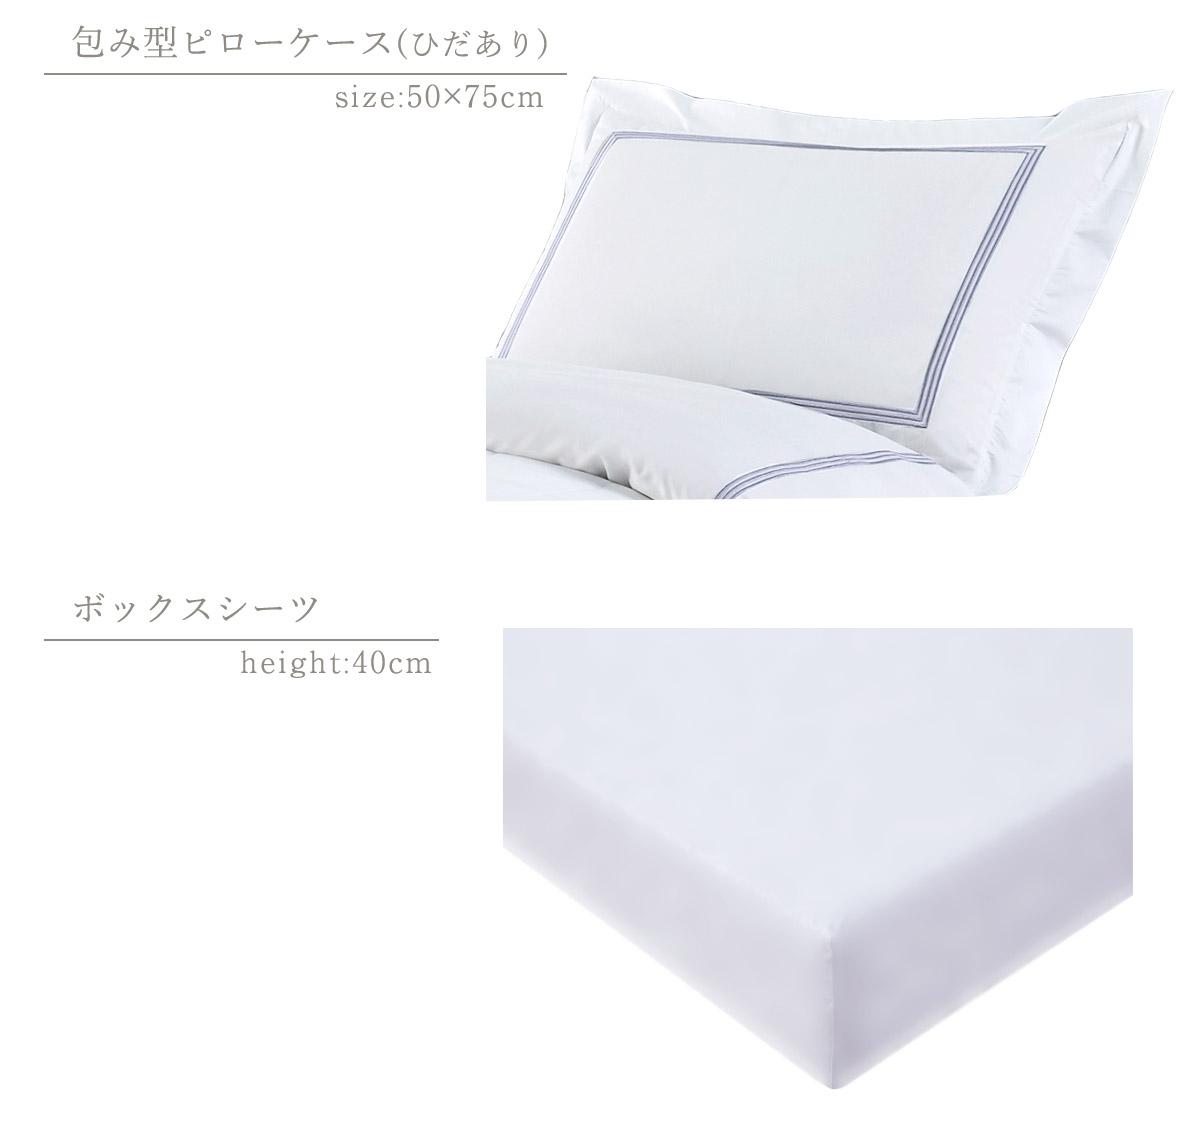 枕カバー、ボックスシーツ